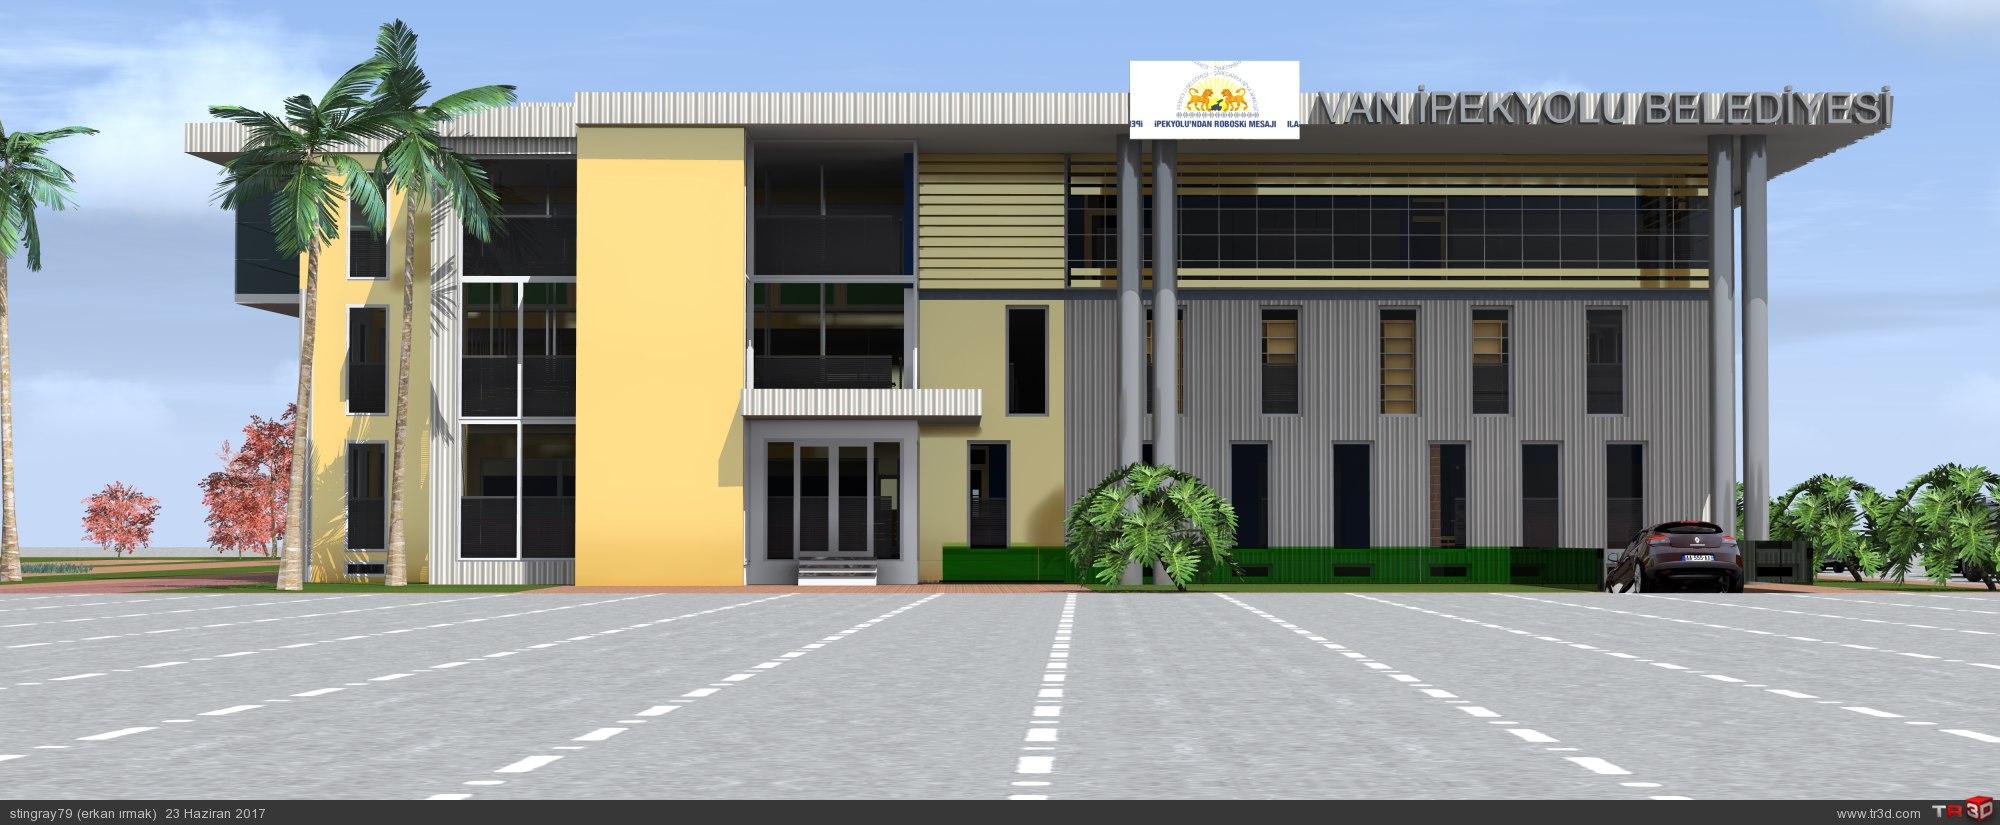 van ipekyolu belediye proje yarışması 1